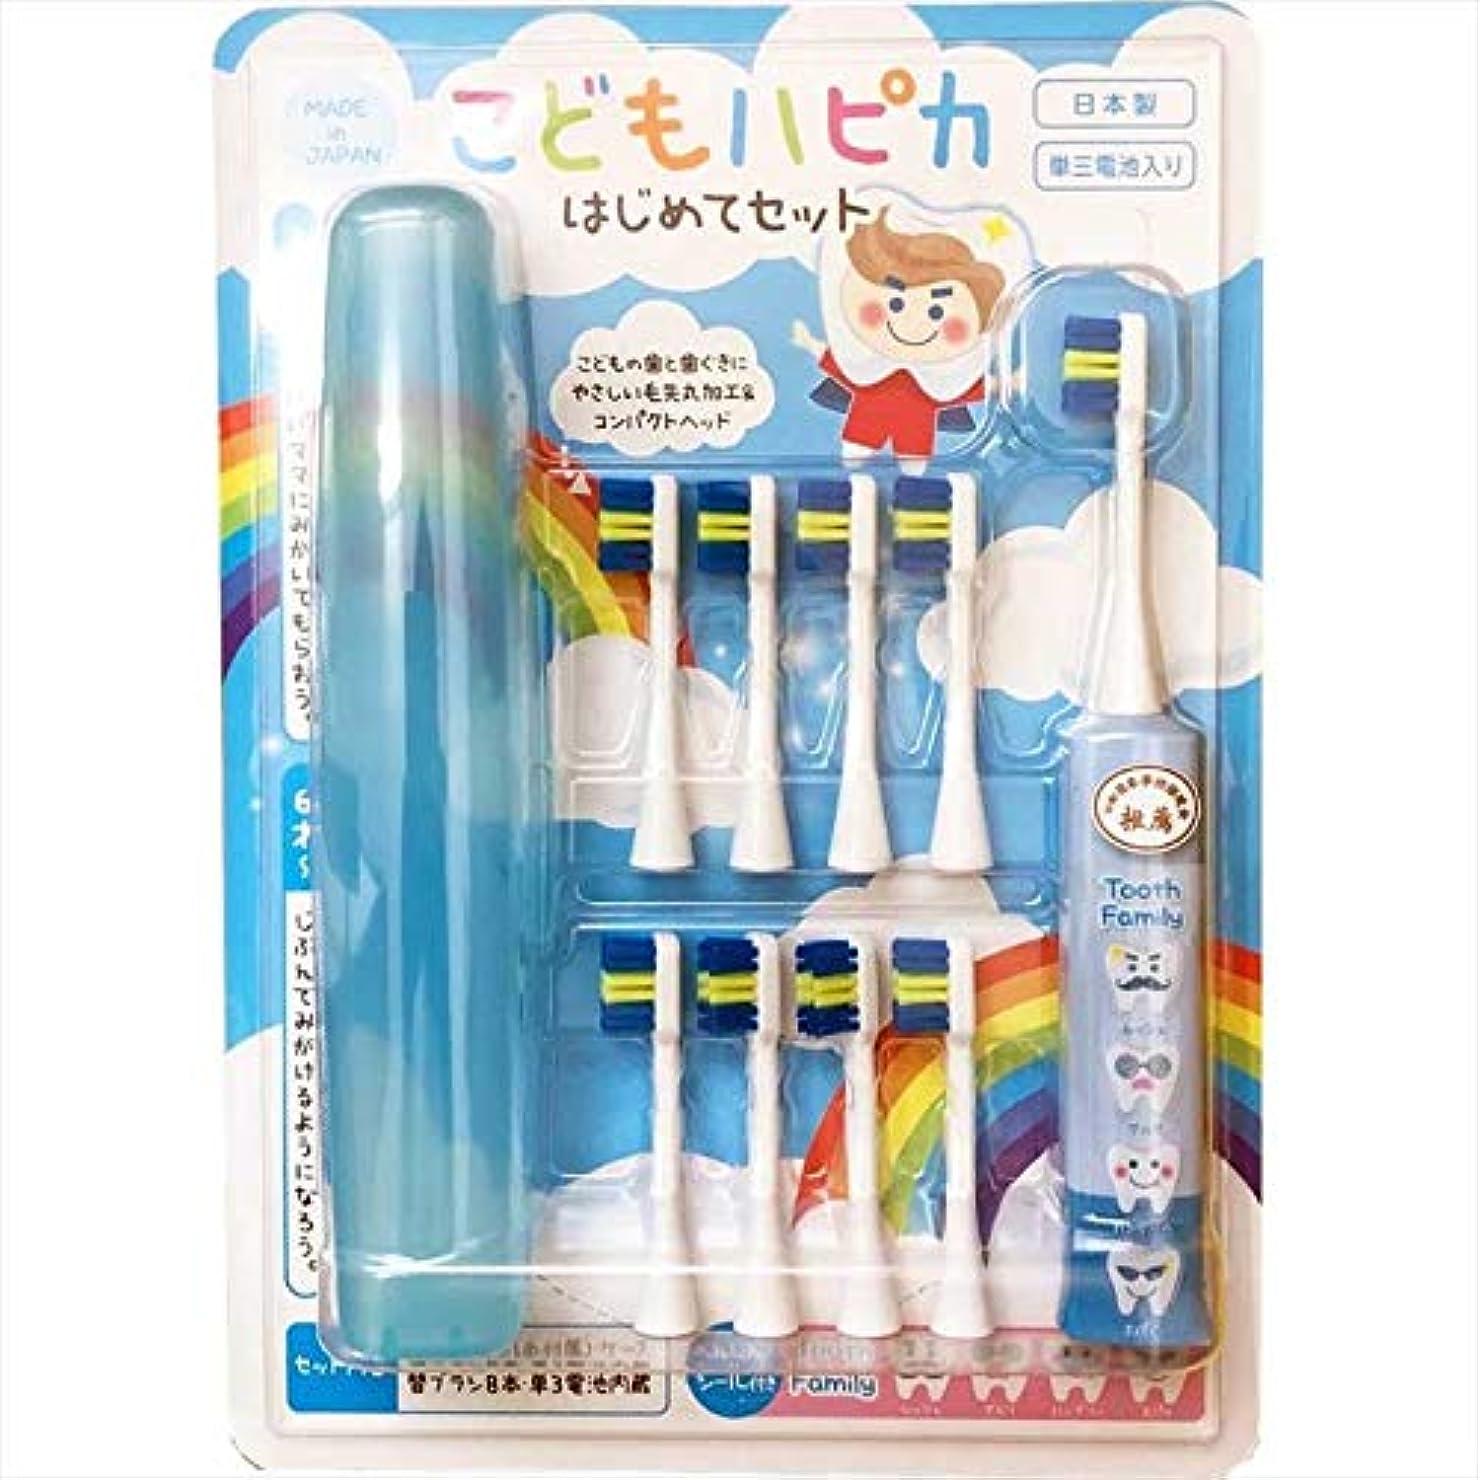 肥沃なボリュームさておきこどもハピカセット ブルー 子供用電動歯ブラシ